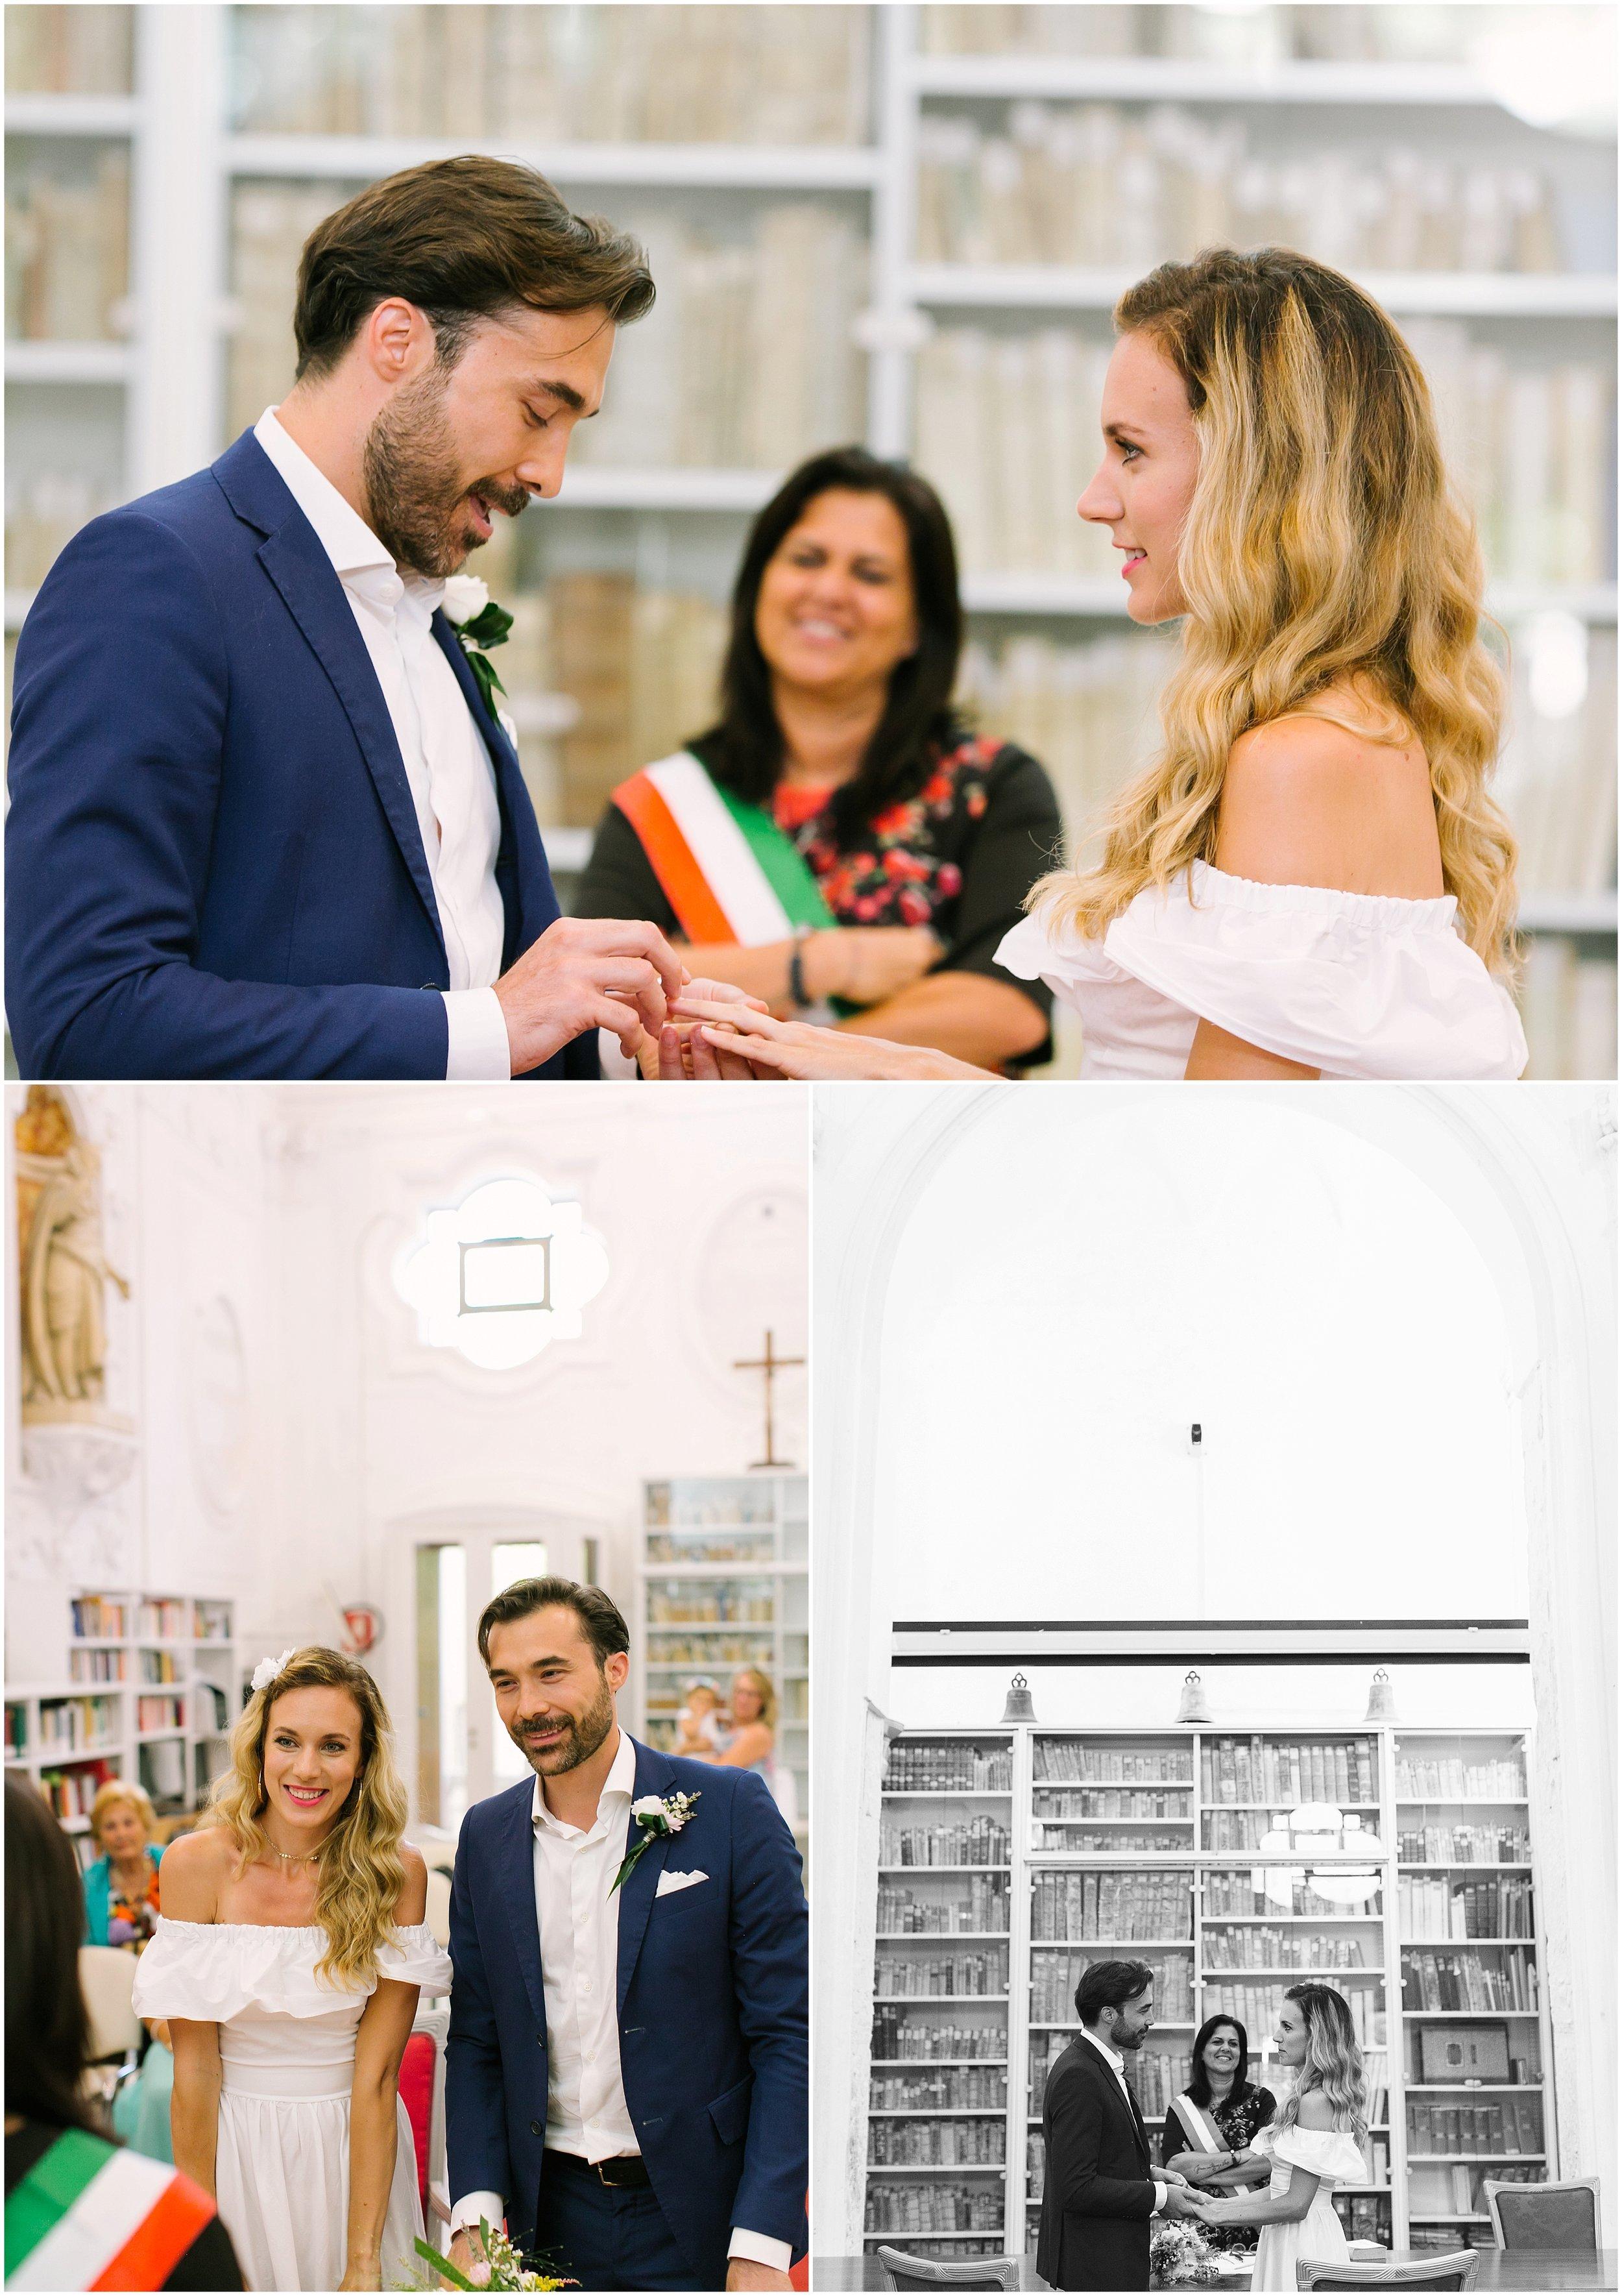 Alea Lovely Destination Wedding Photographer Italy_0023.jpg